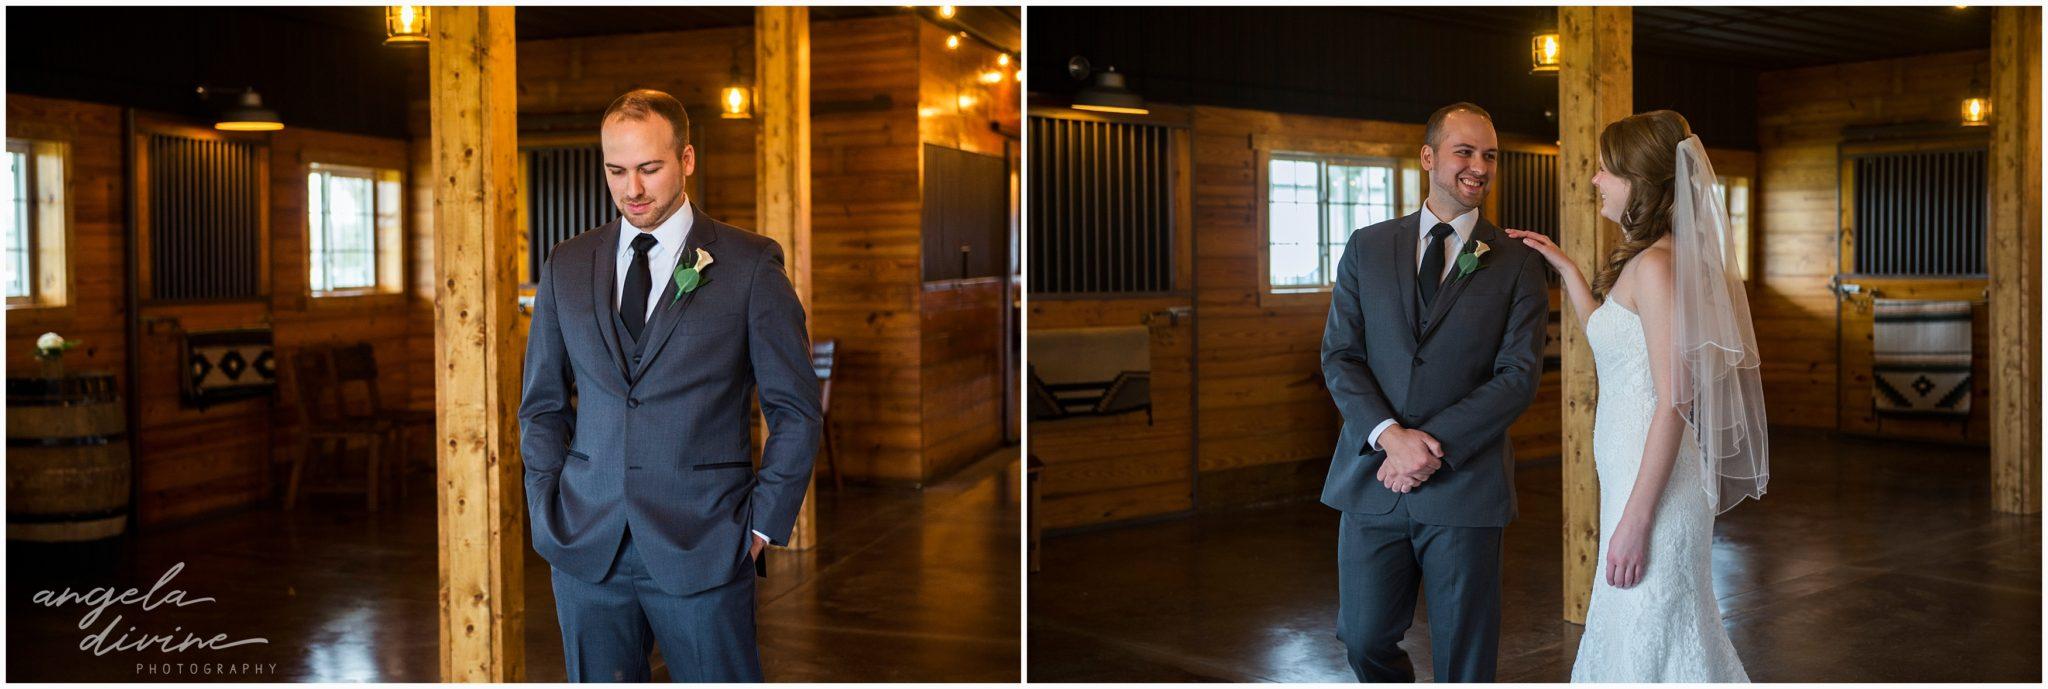 Carlos Creek Winery Wedding First Look